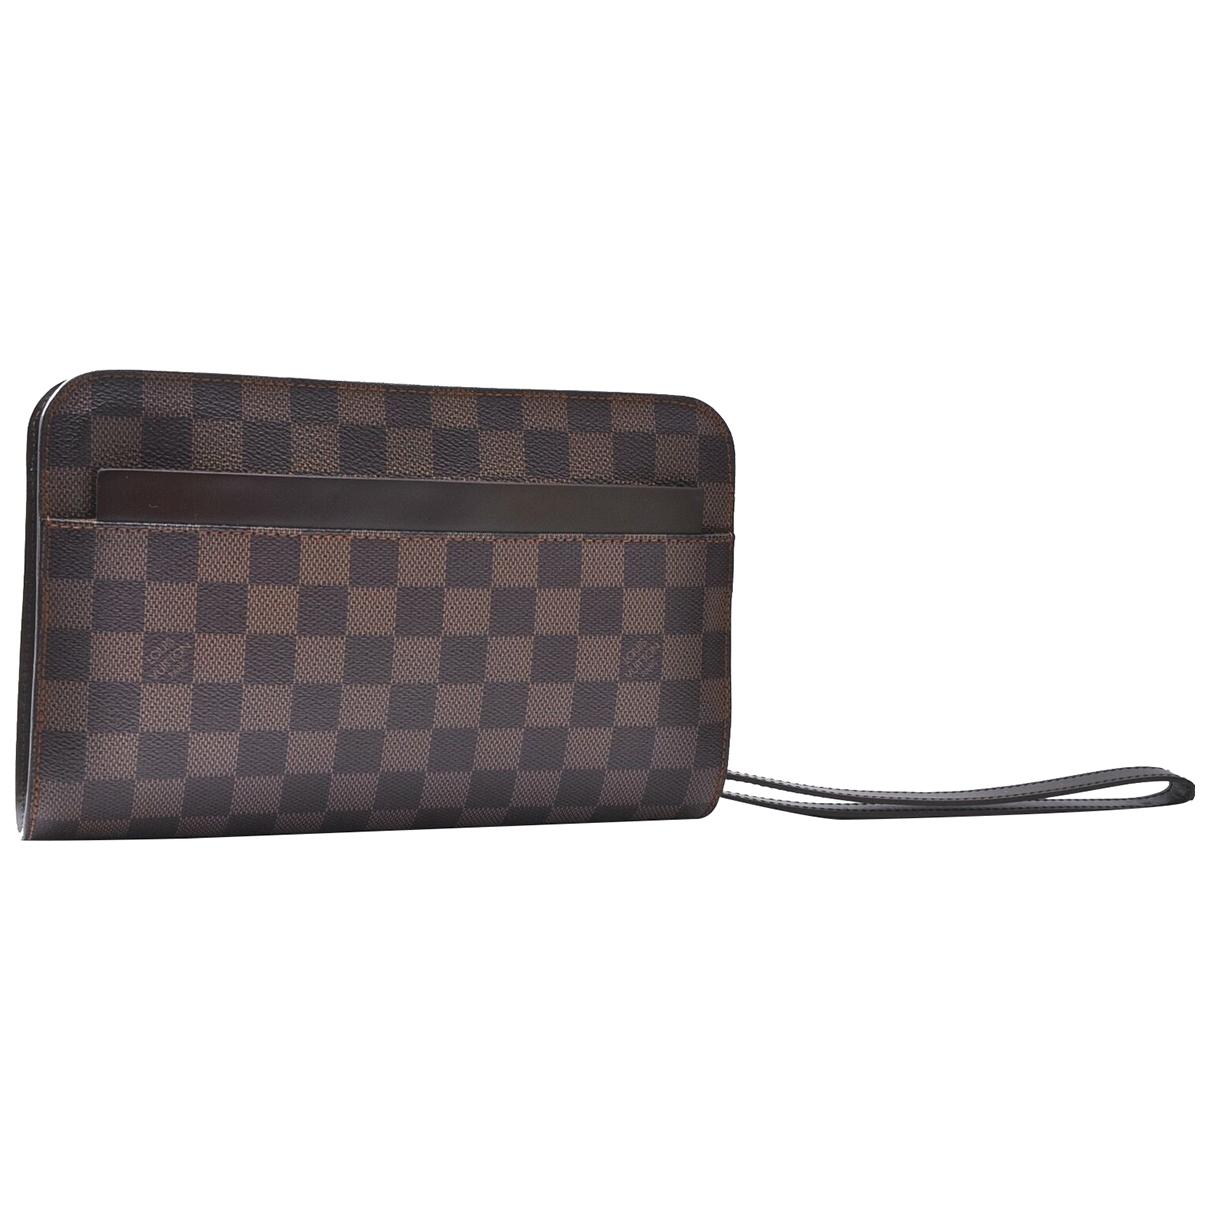 Louis Vuitton - Pochette Saint-Louis pour femme en toile - marron